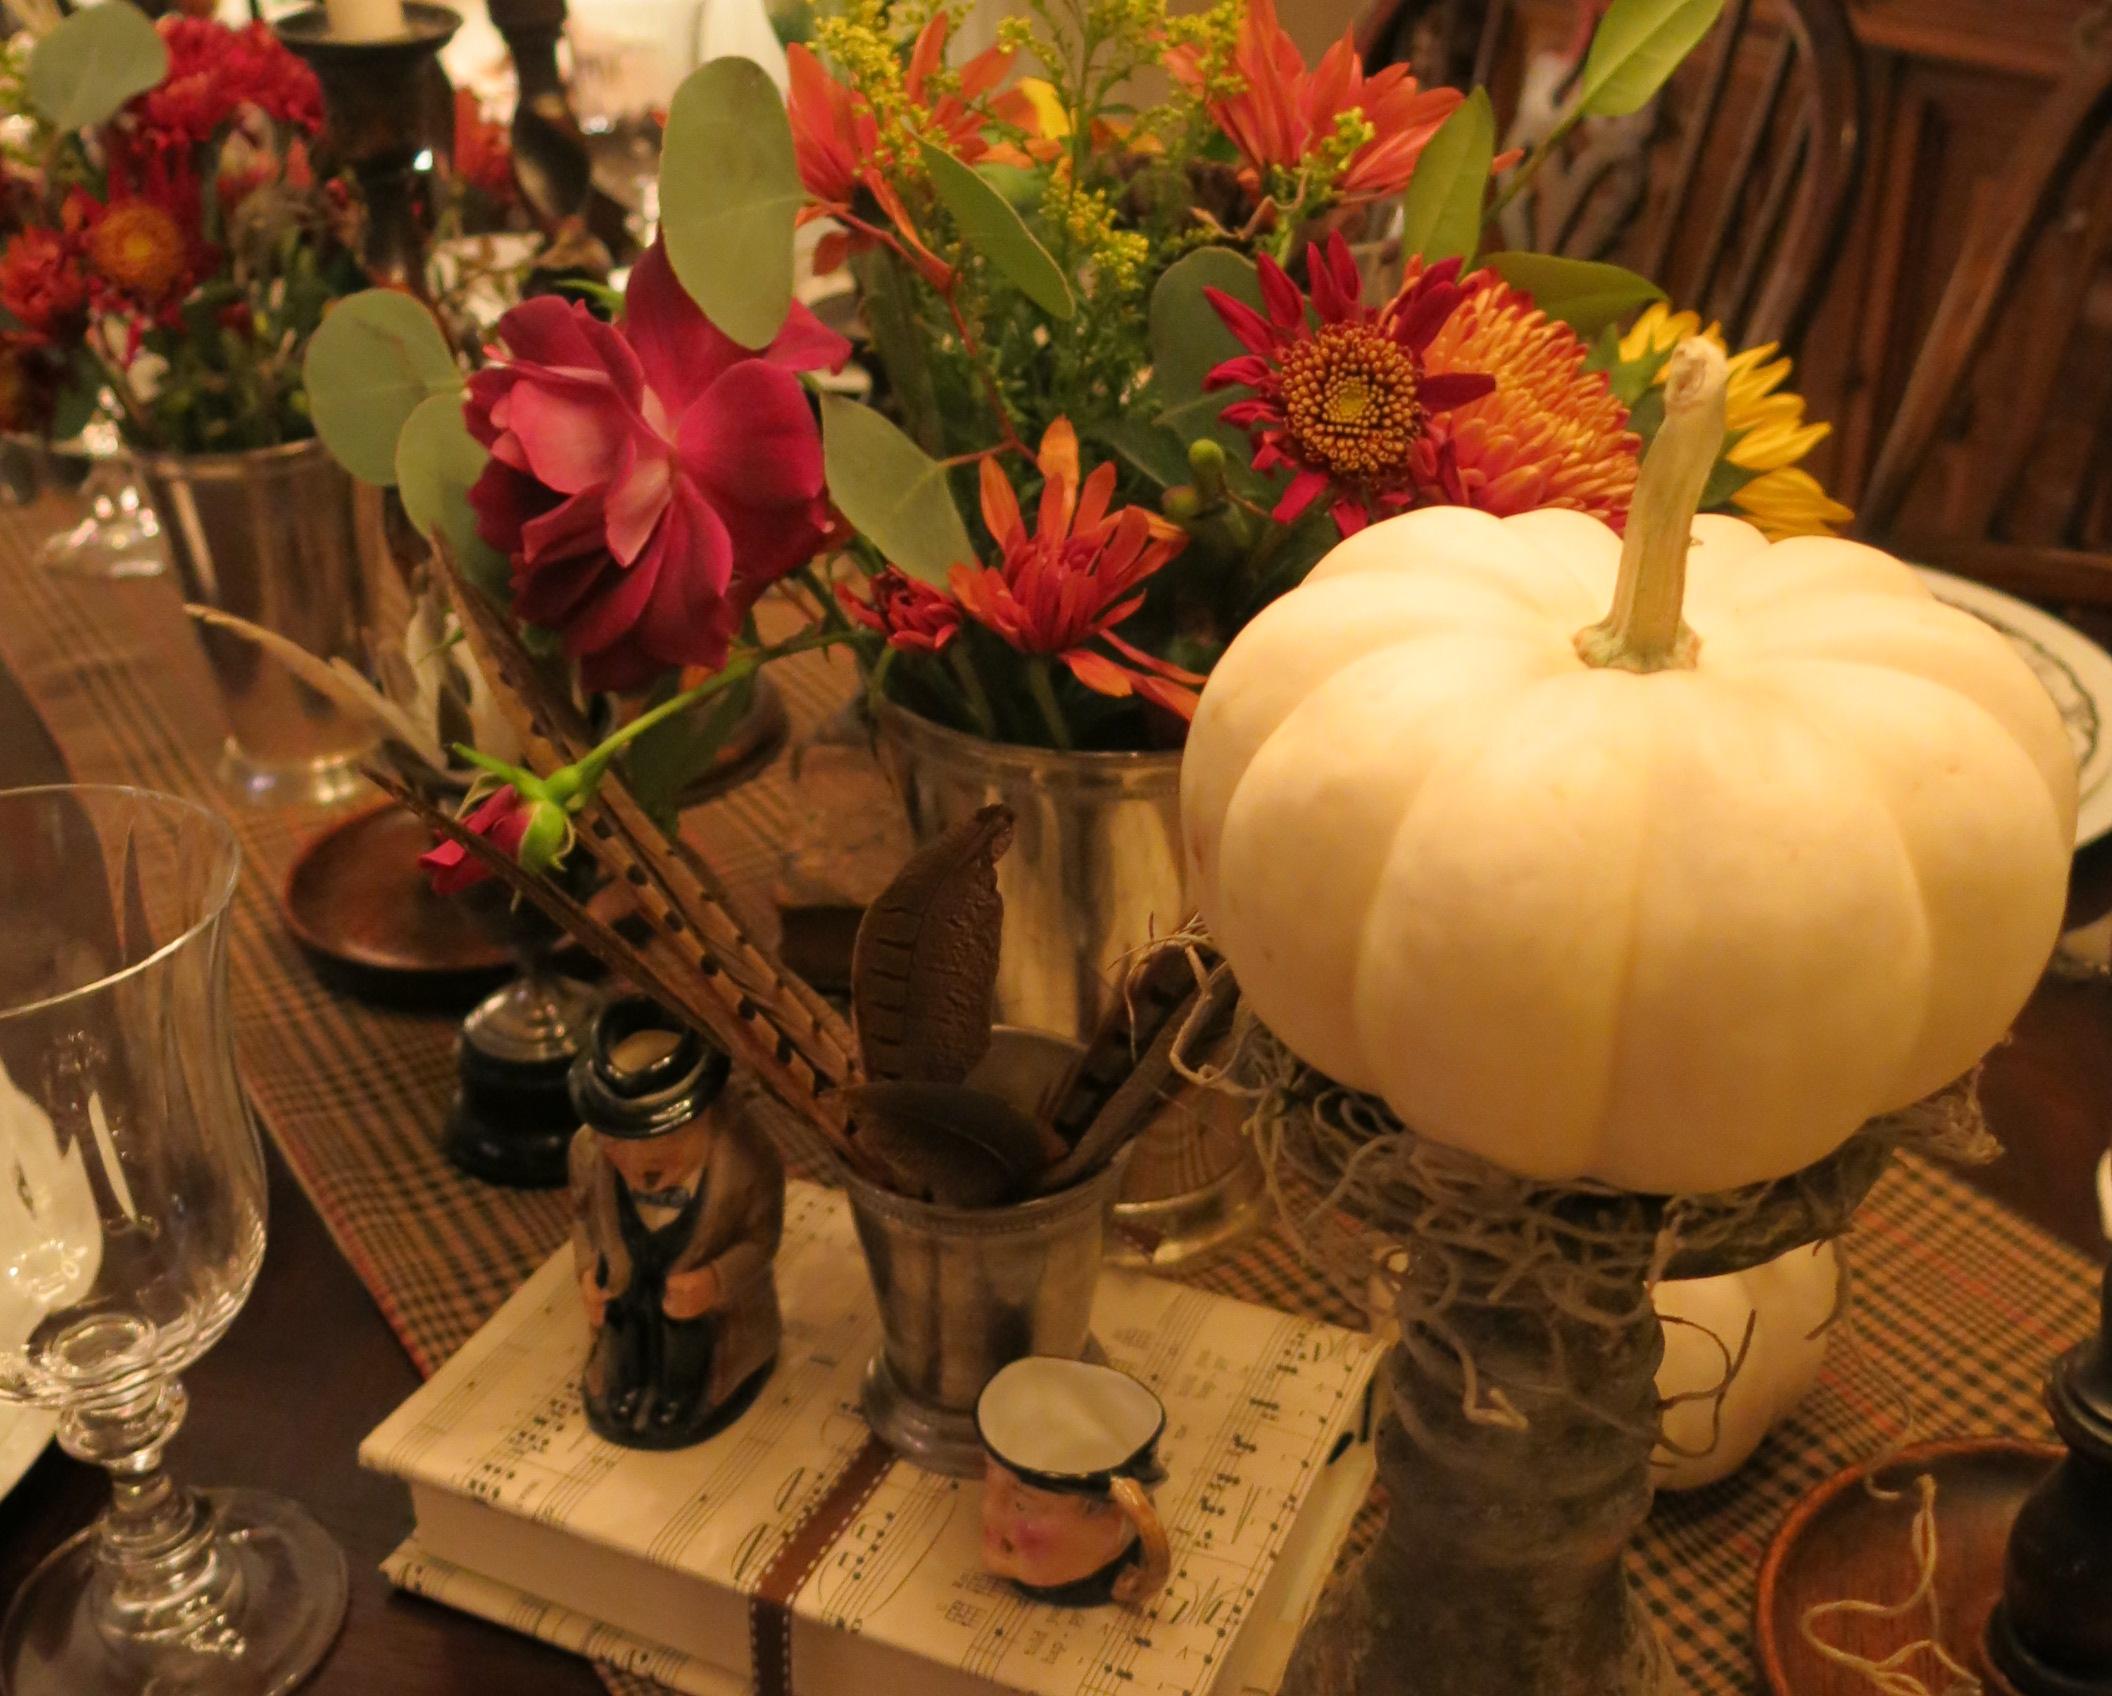 Garden home and party gratitude garden home party Home and garden party